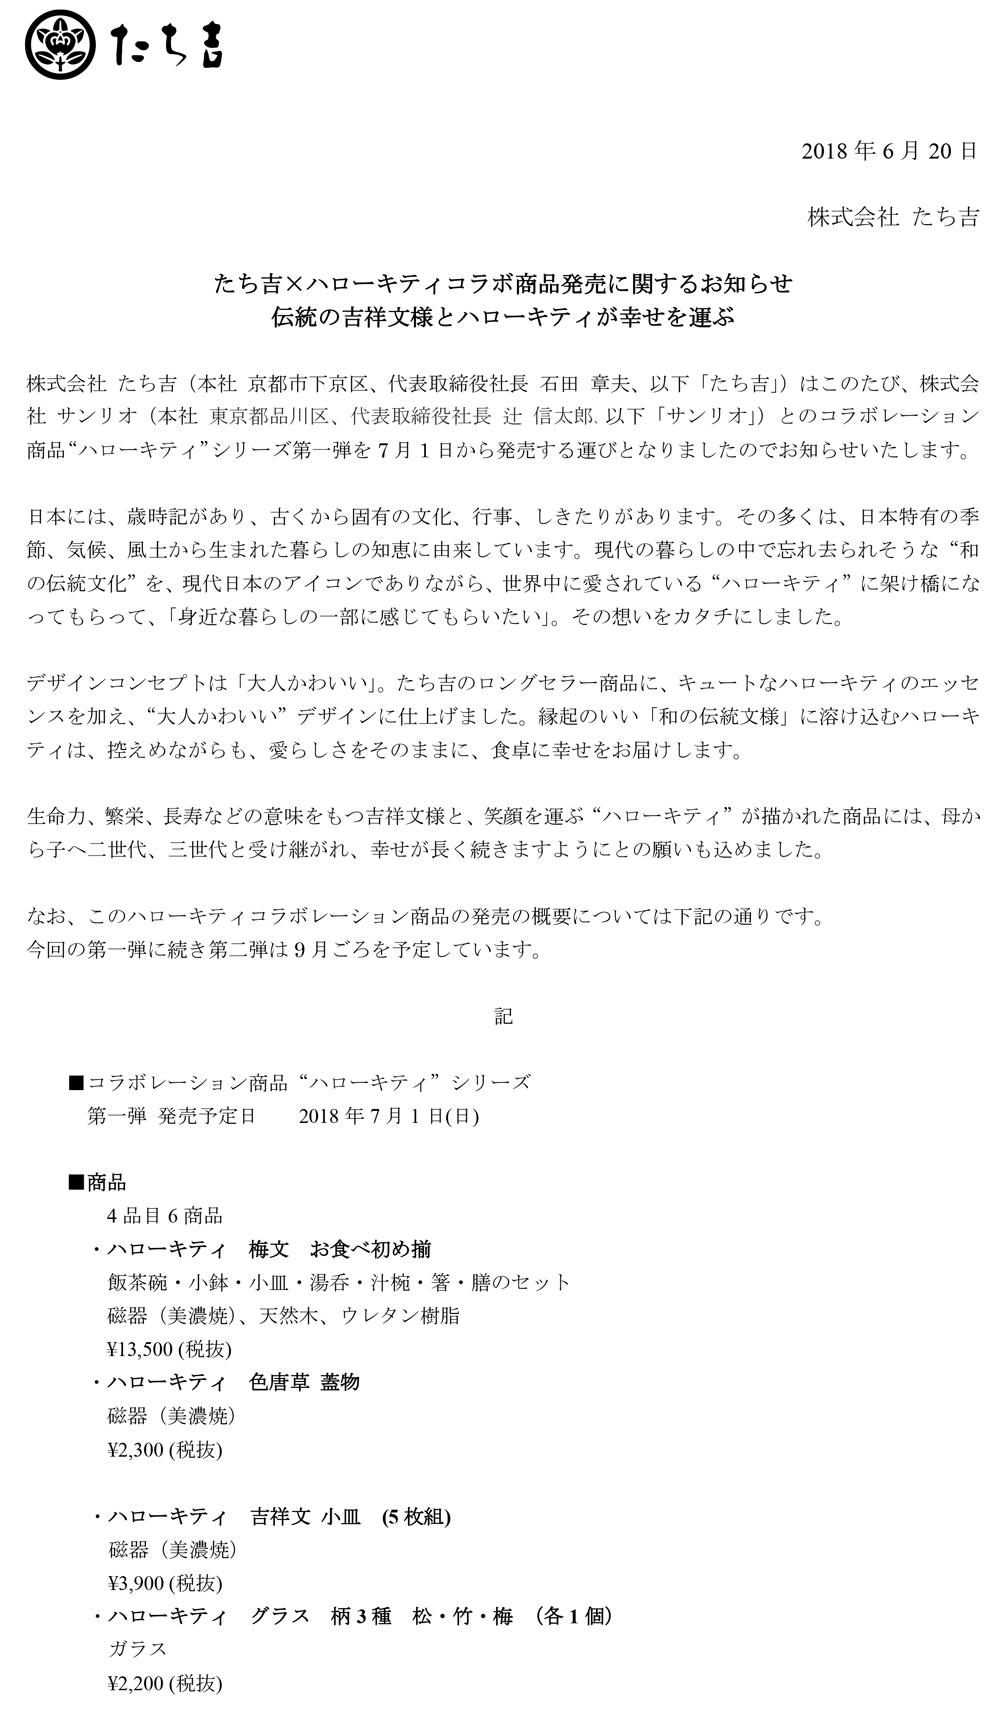 tachikichi_kitty_news_0620-2